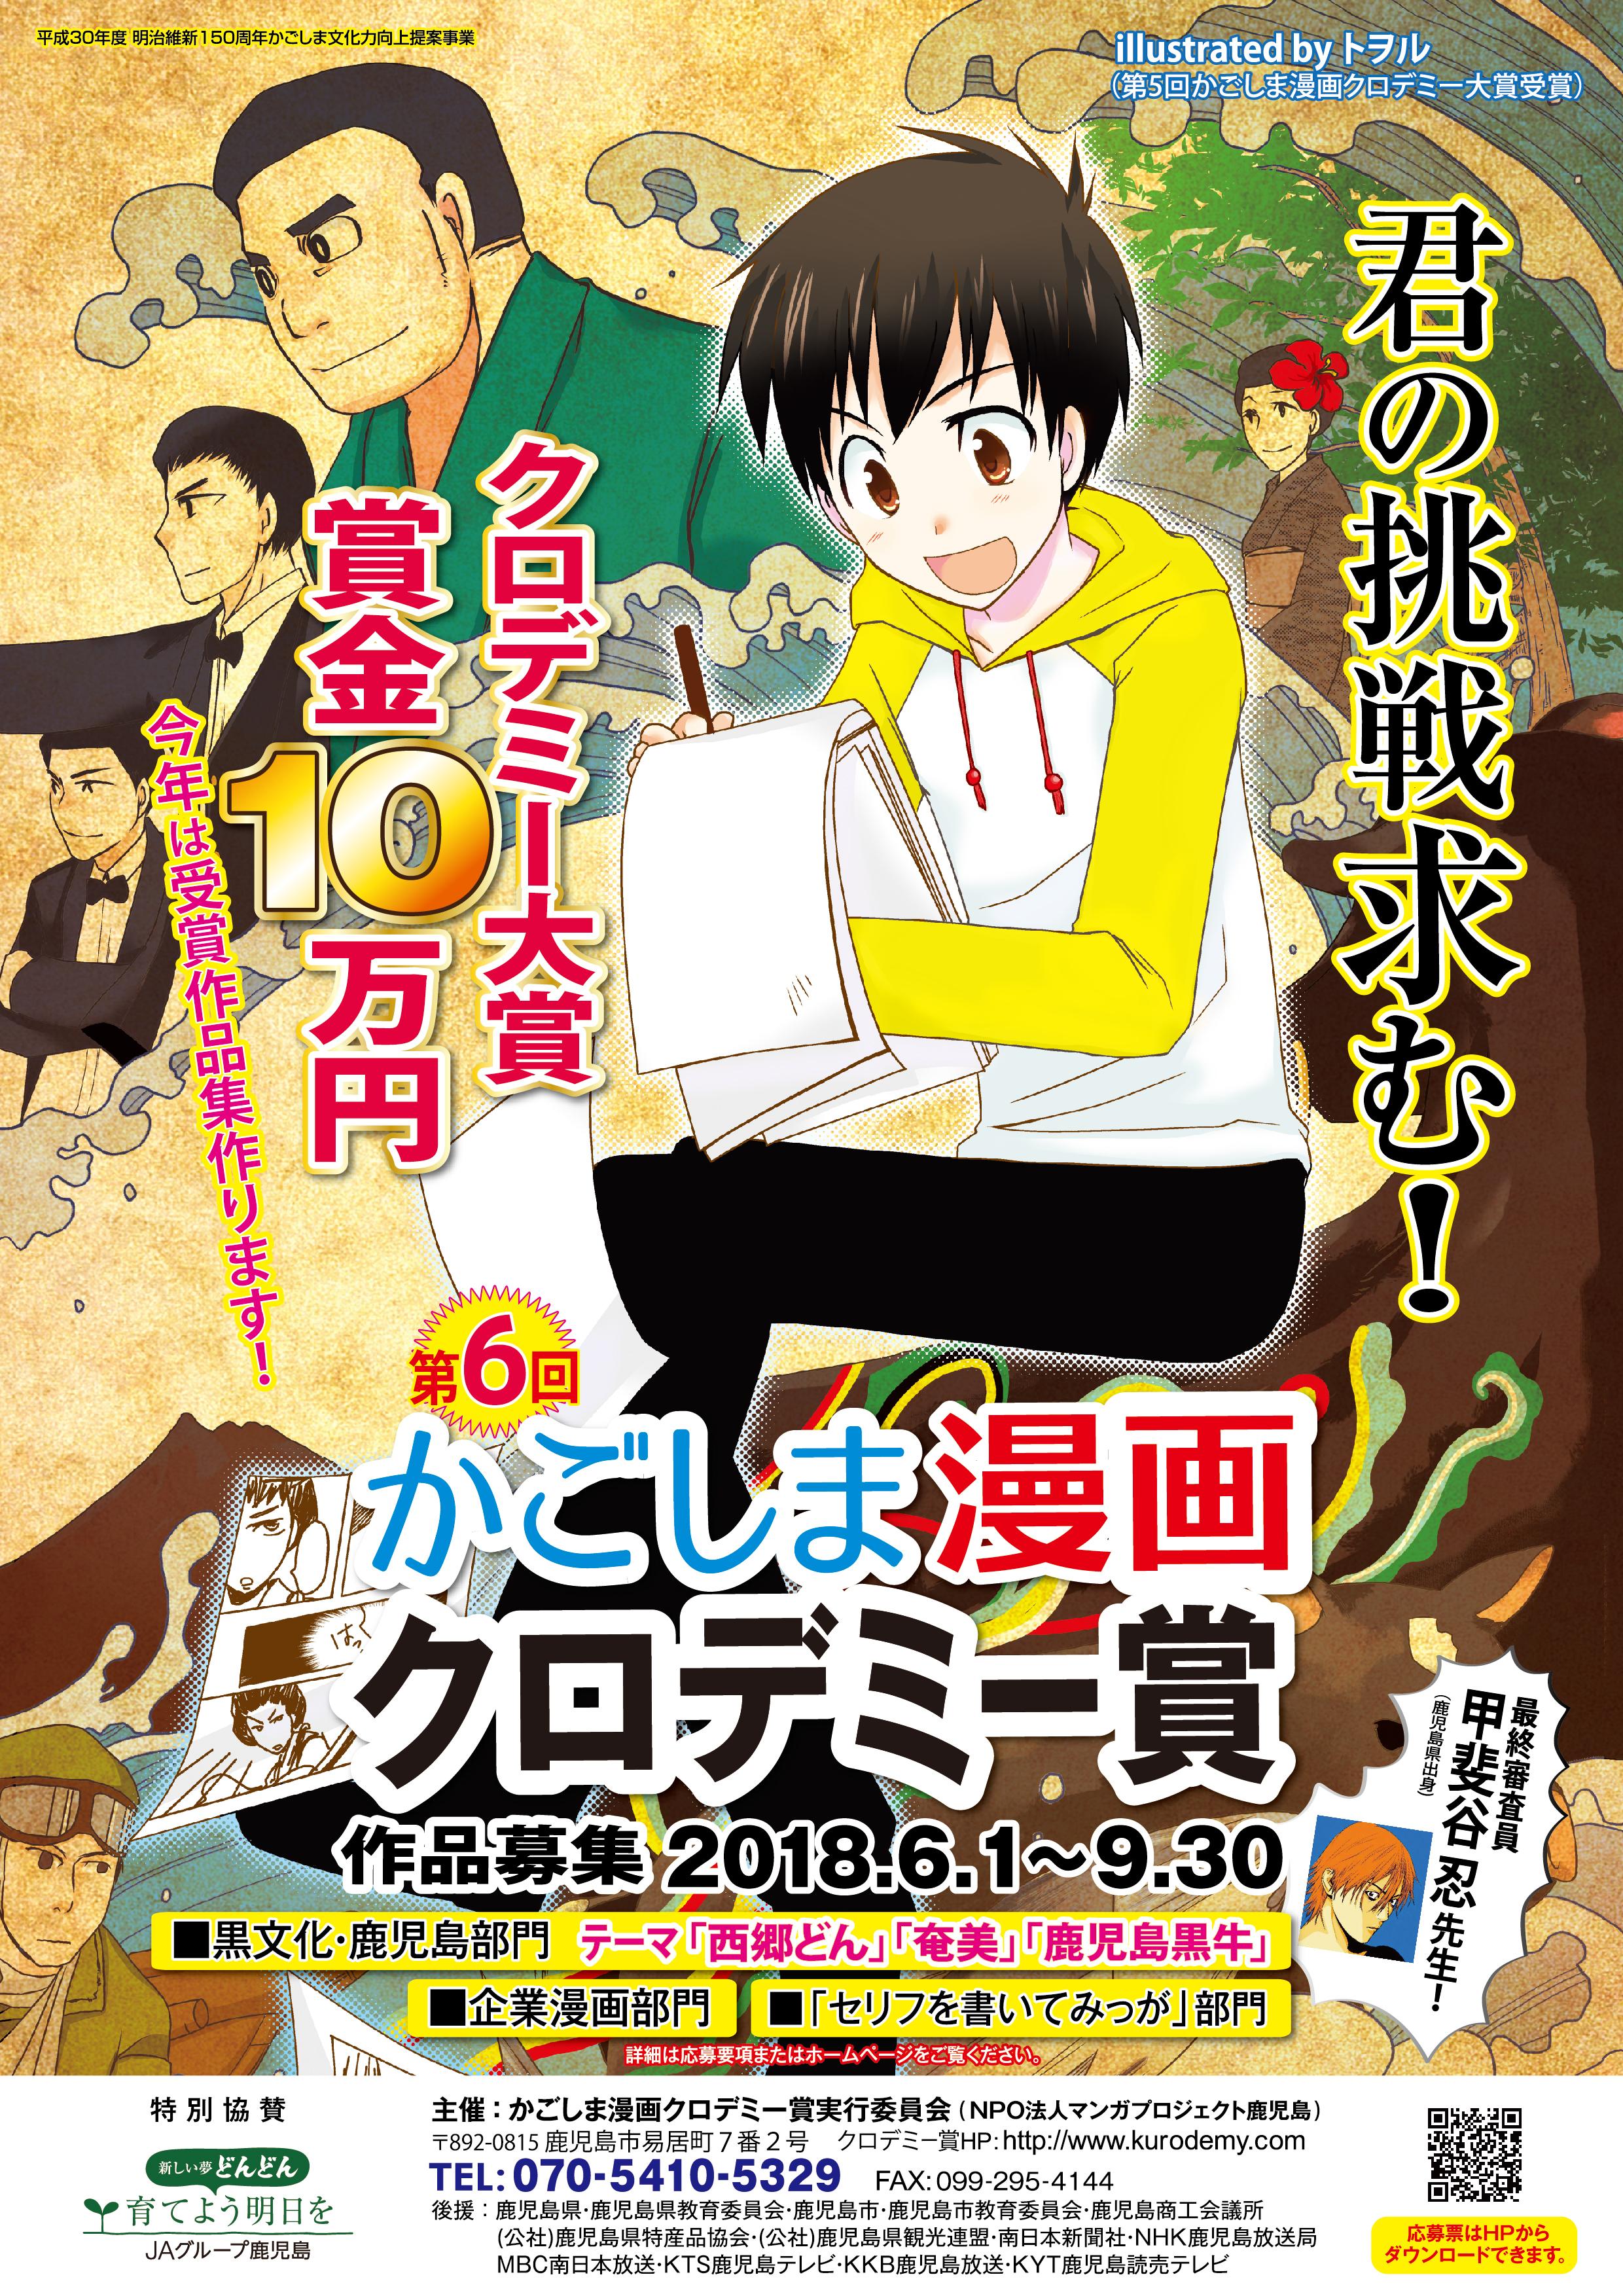 「第6回かごしま漫画クロデミー賞」 2018.06.01-2018.09.30